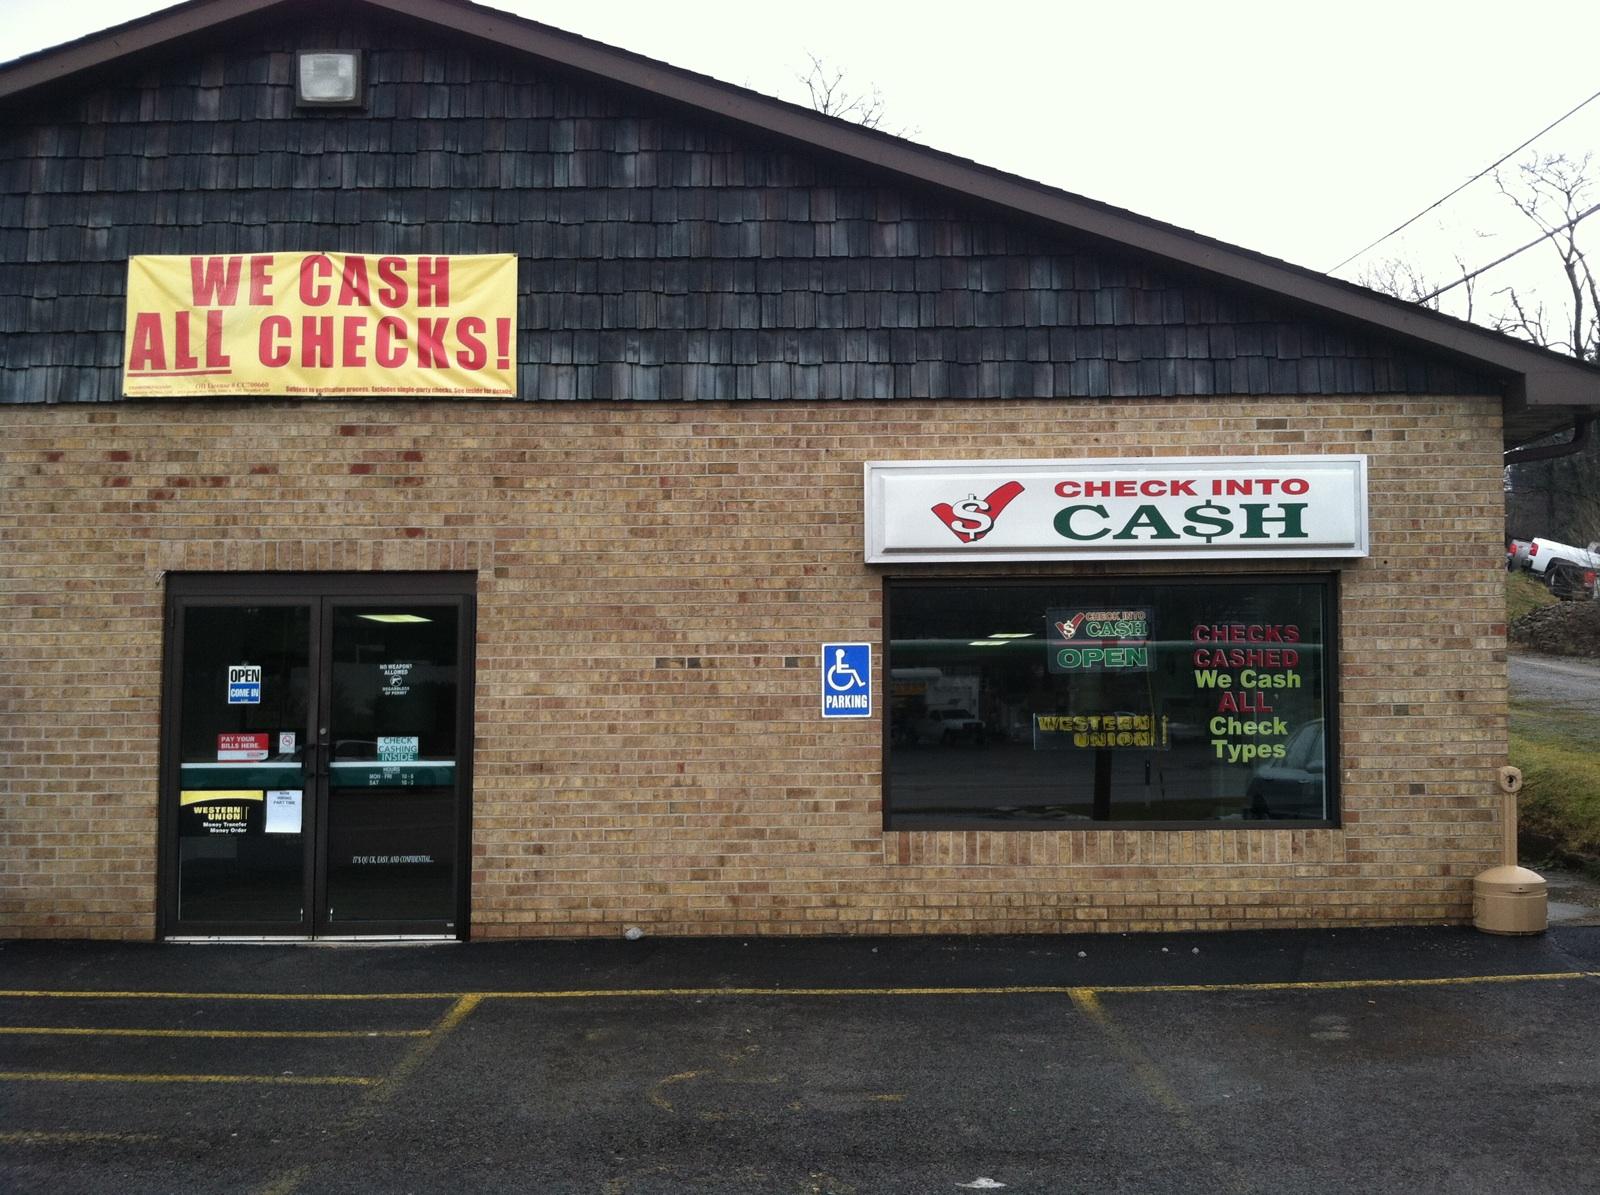 Fast cash loans nj picture 2